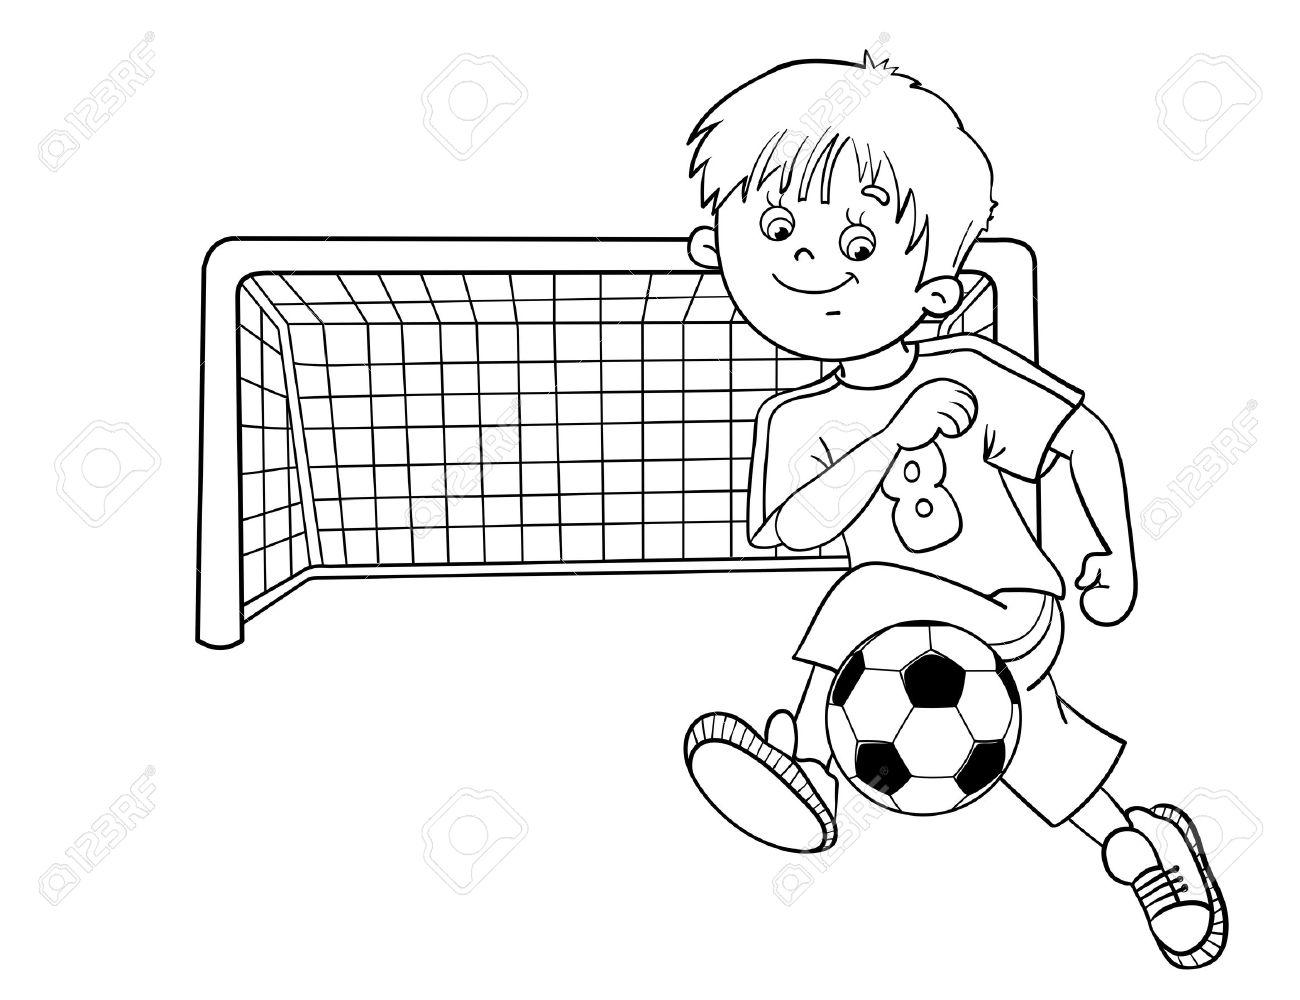 Malvorlagen Umriss Eines Cartoon-Jungen Mit Einem Fußball Und ...